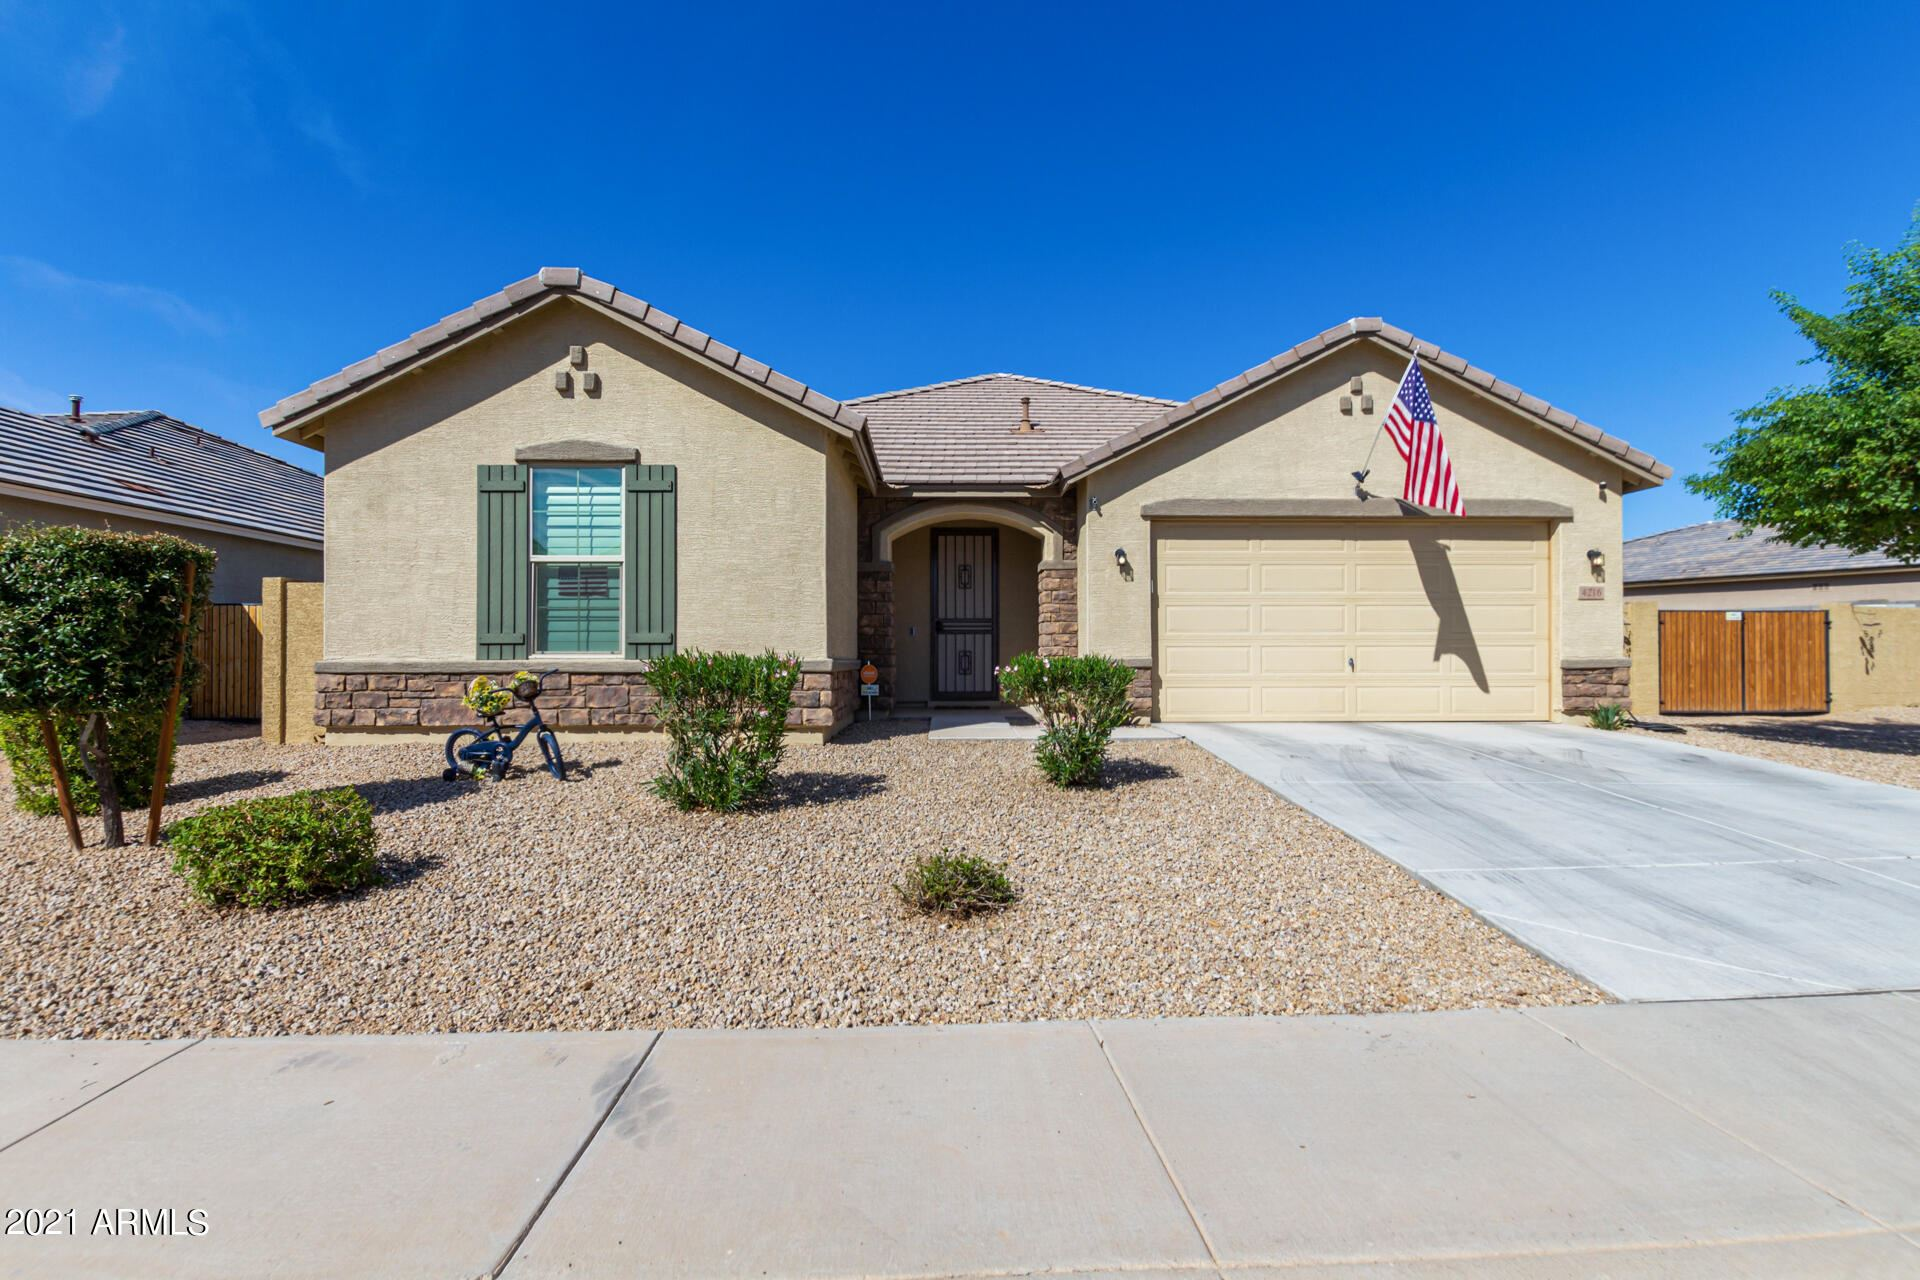 Photo of 4216 W MAGDALENA Lane, Laveen, AZ 85339 (MLS # 6304299)